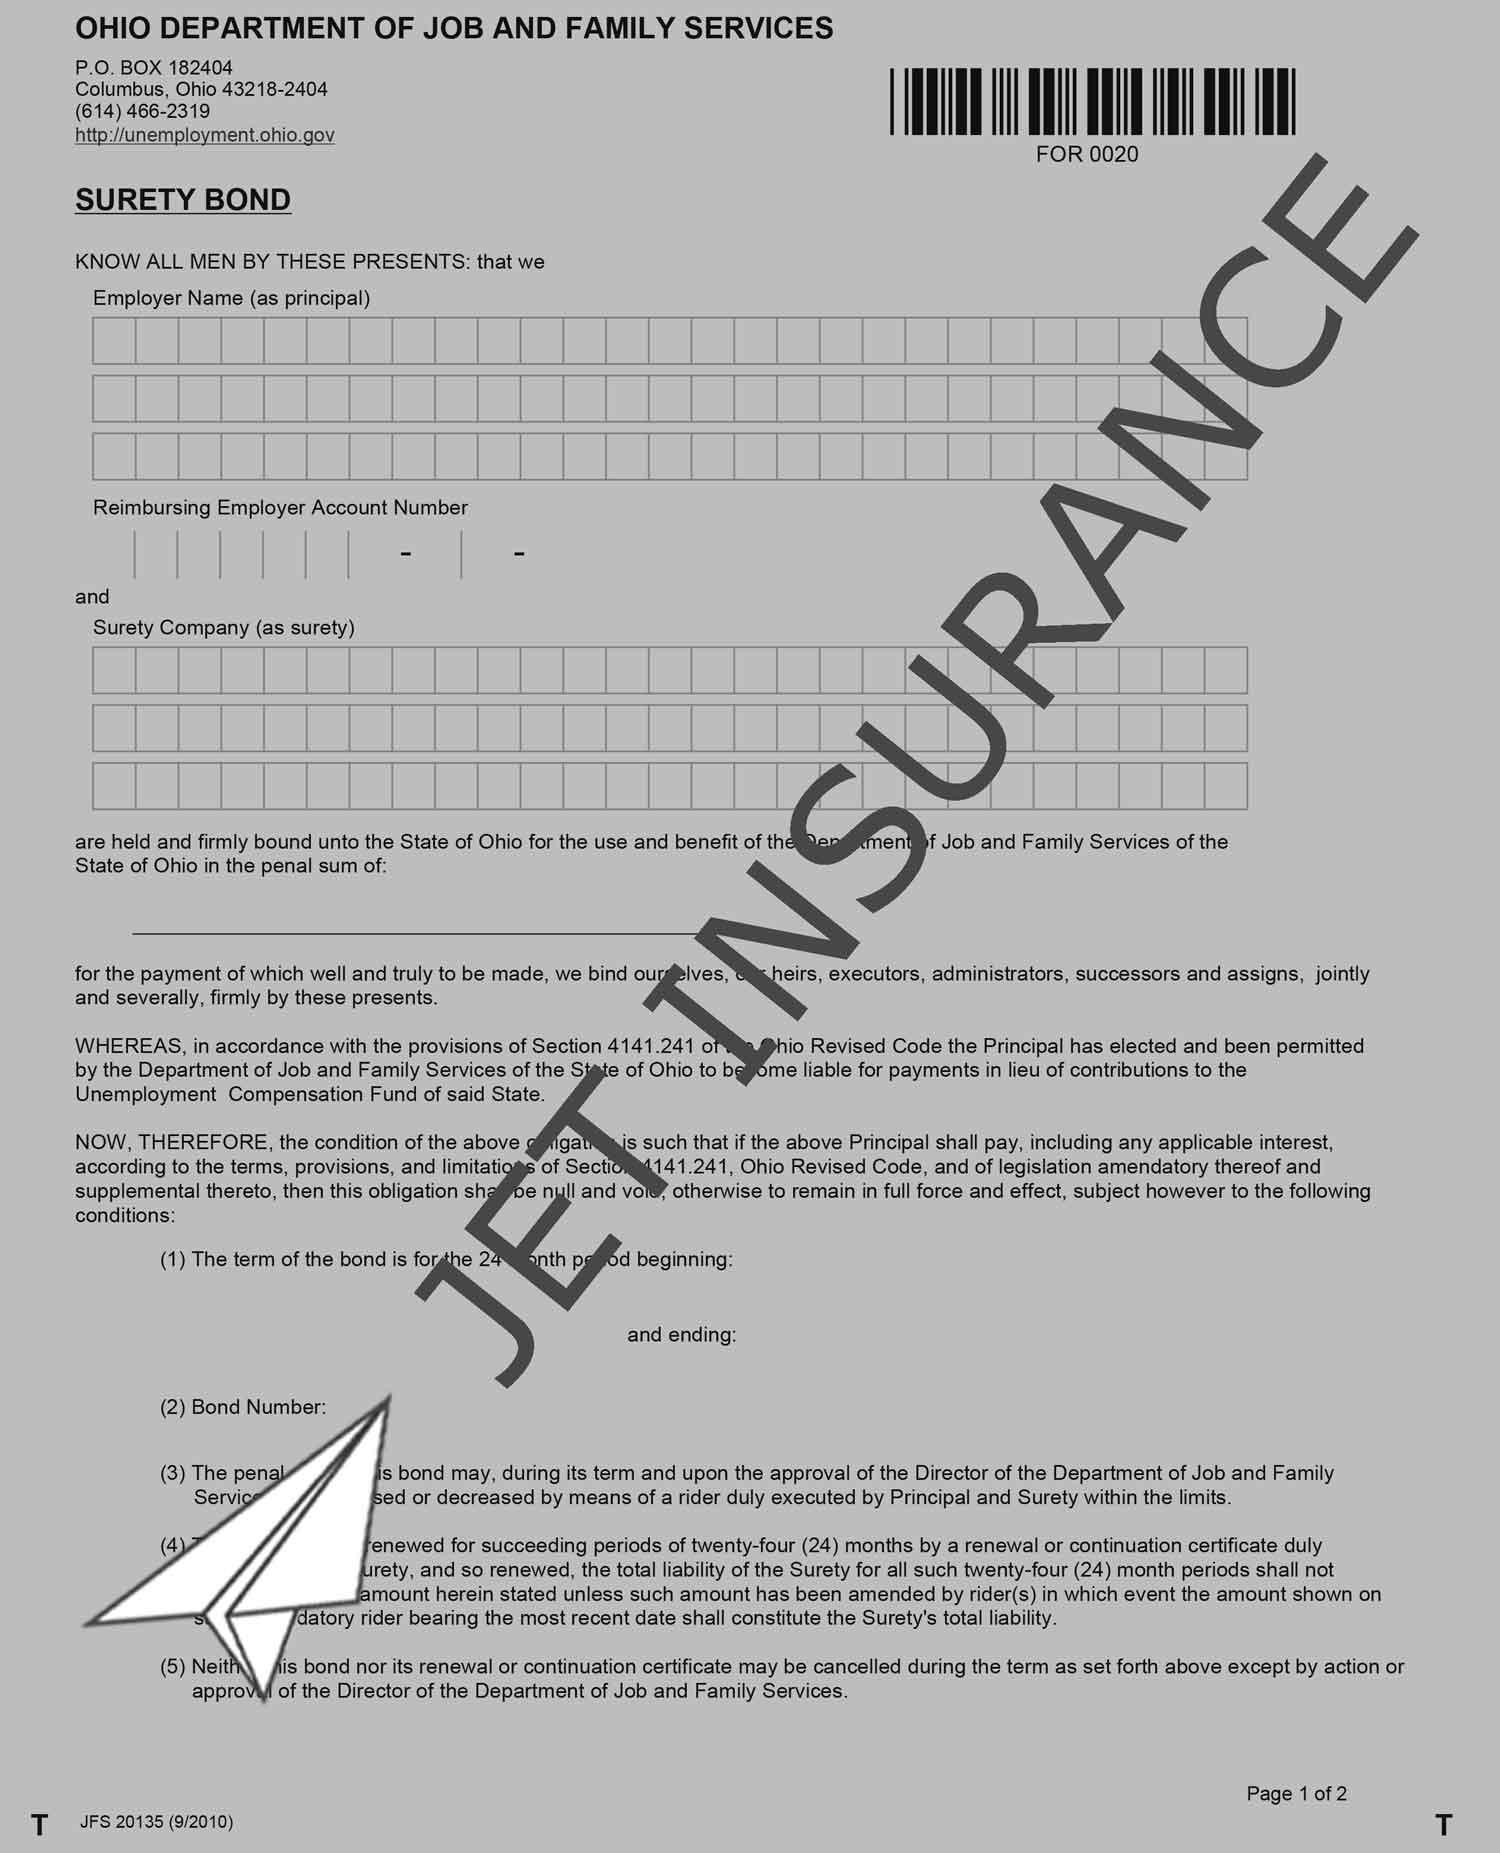 Ohio Unemployment Compensation Fund Bond Form